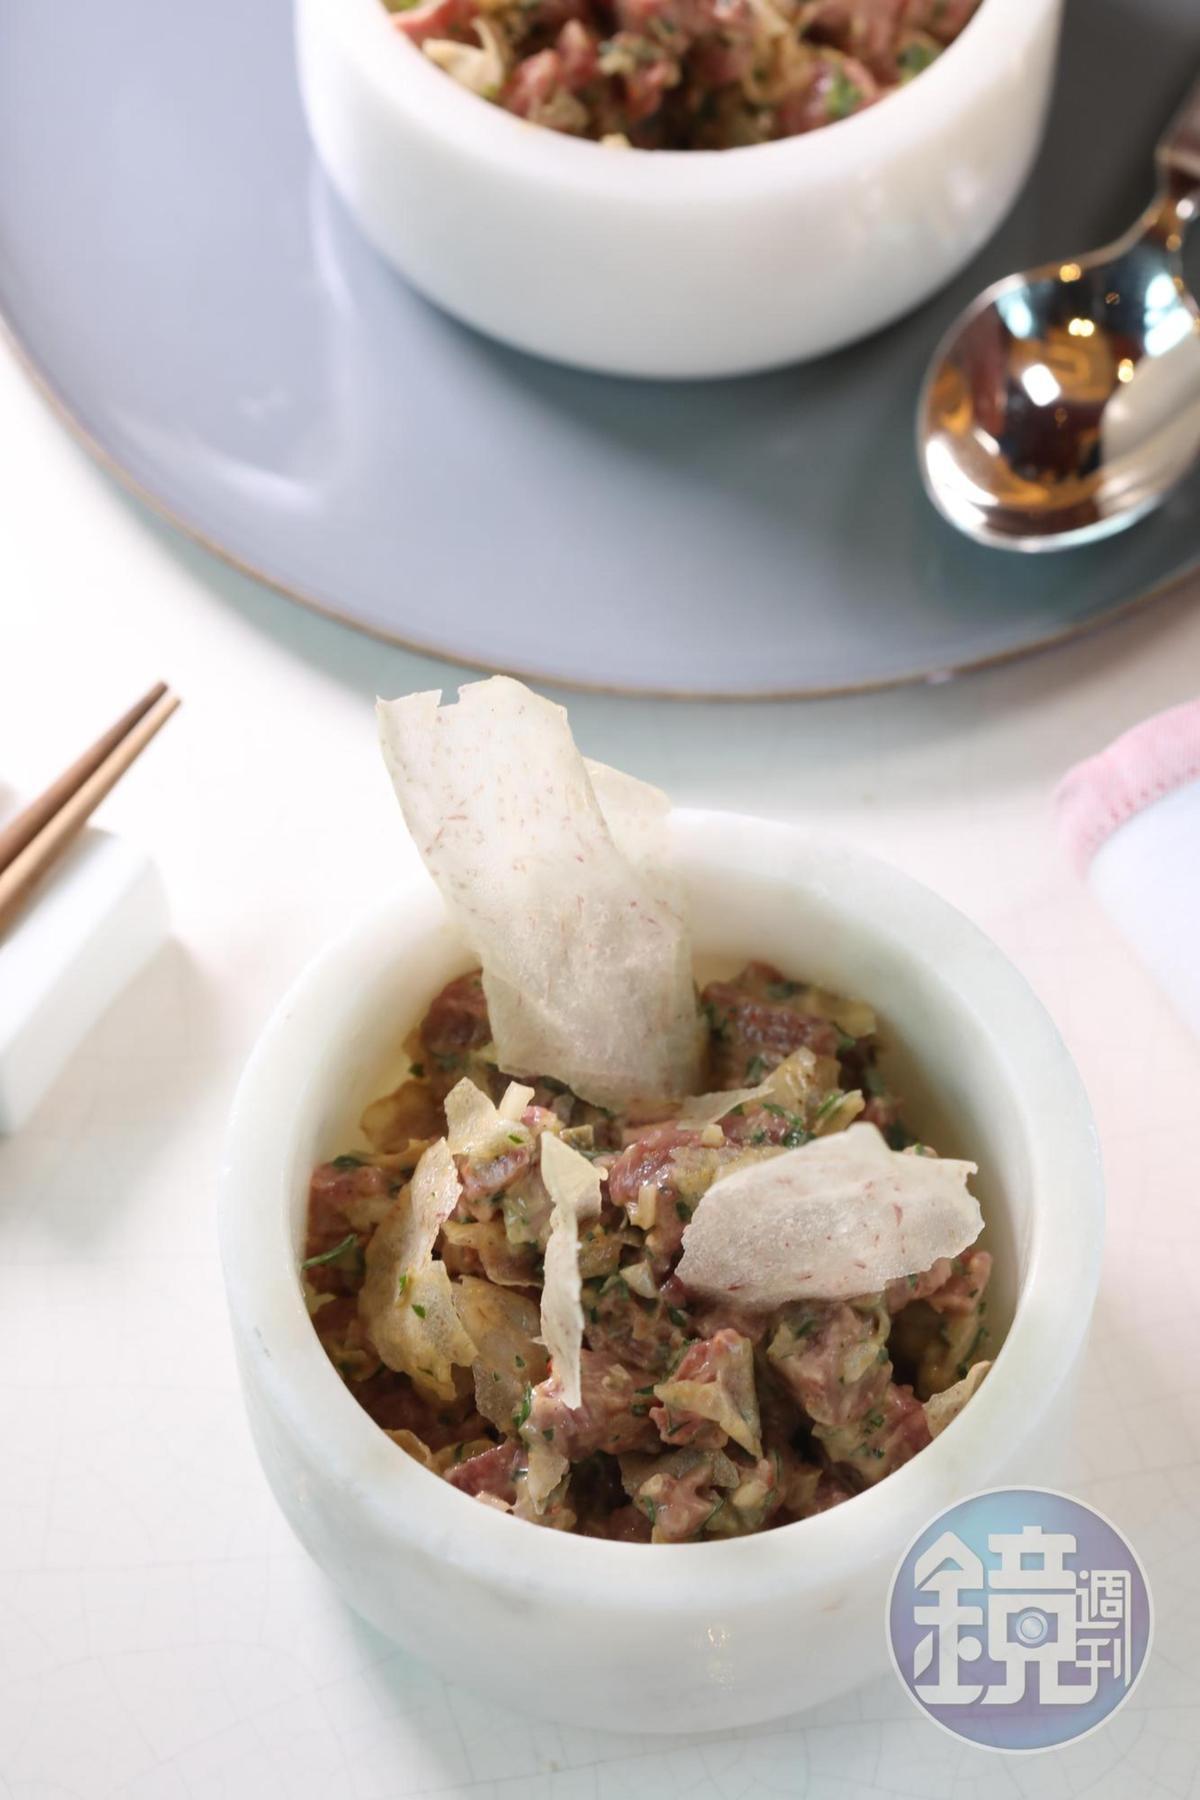 「生牛肉韃靼」以檸檬汁、香菜調味,帶點秘魯風味。(澳門幣148元/份,約NT$565)